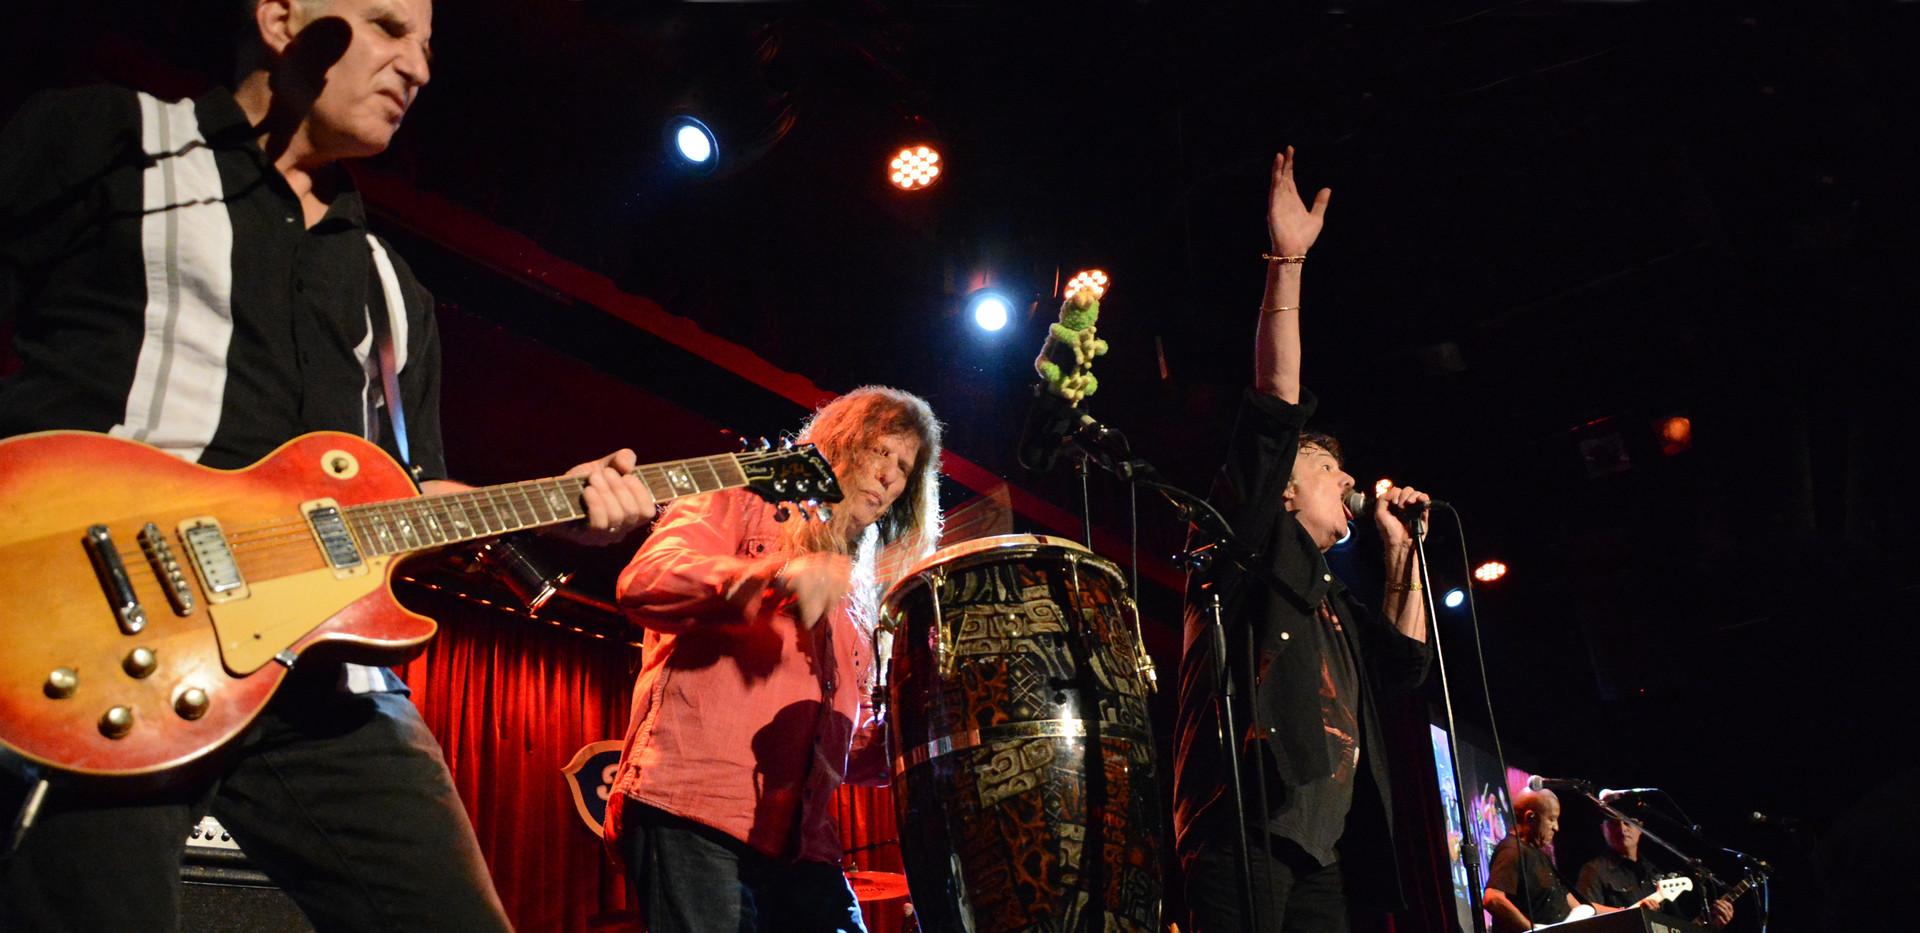 Burton and band at BB Kings